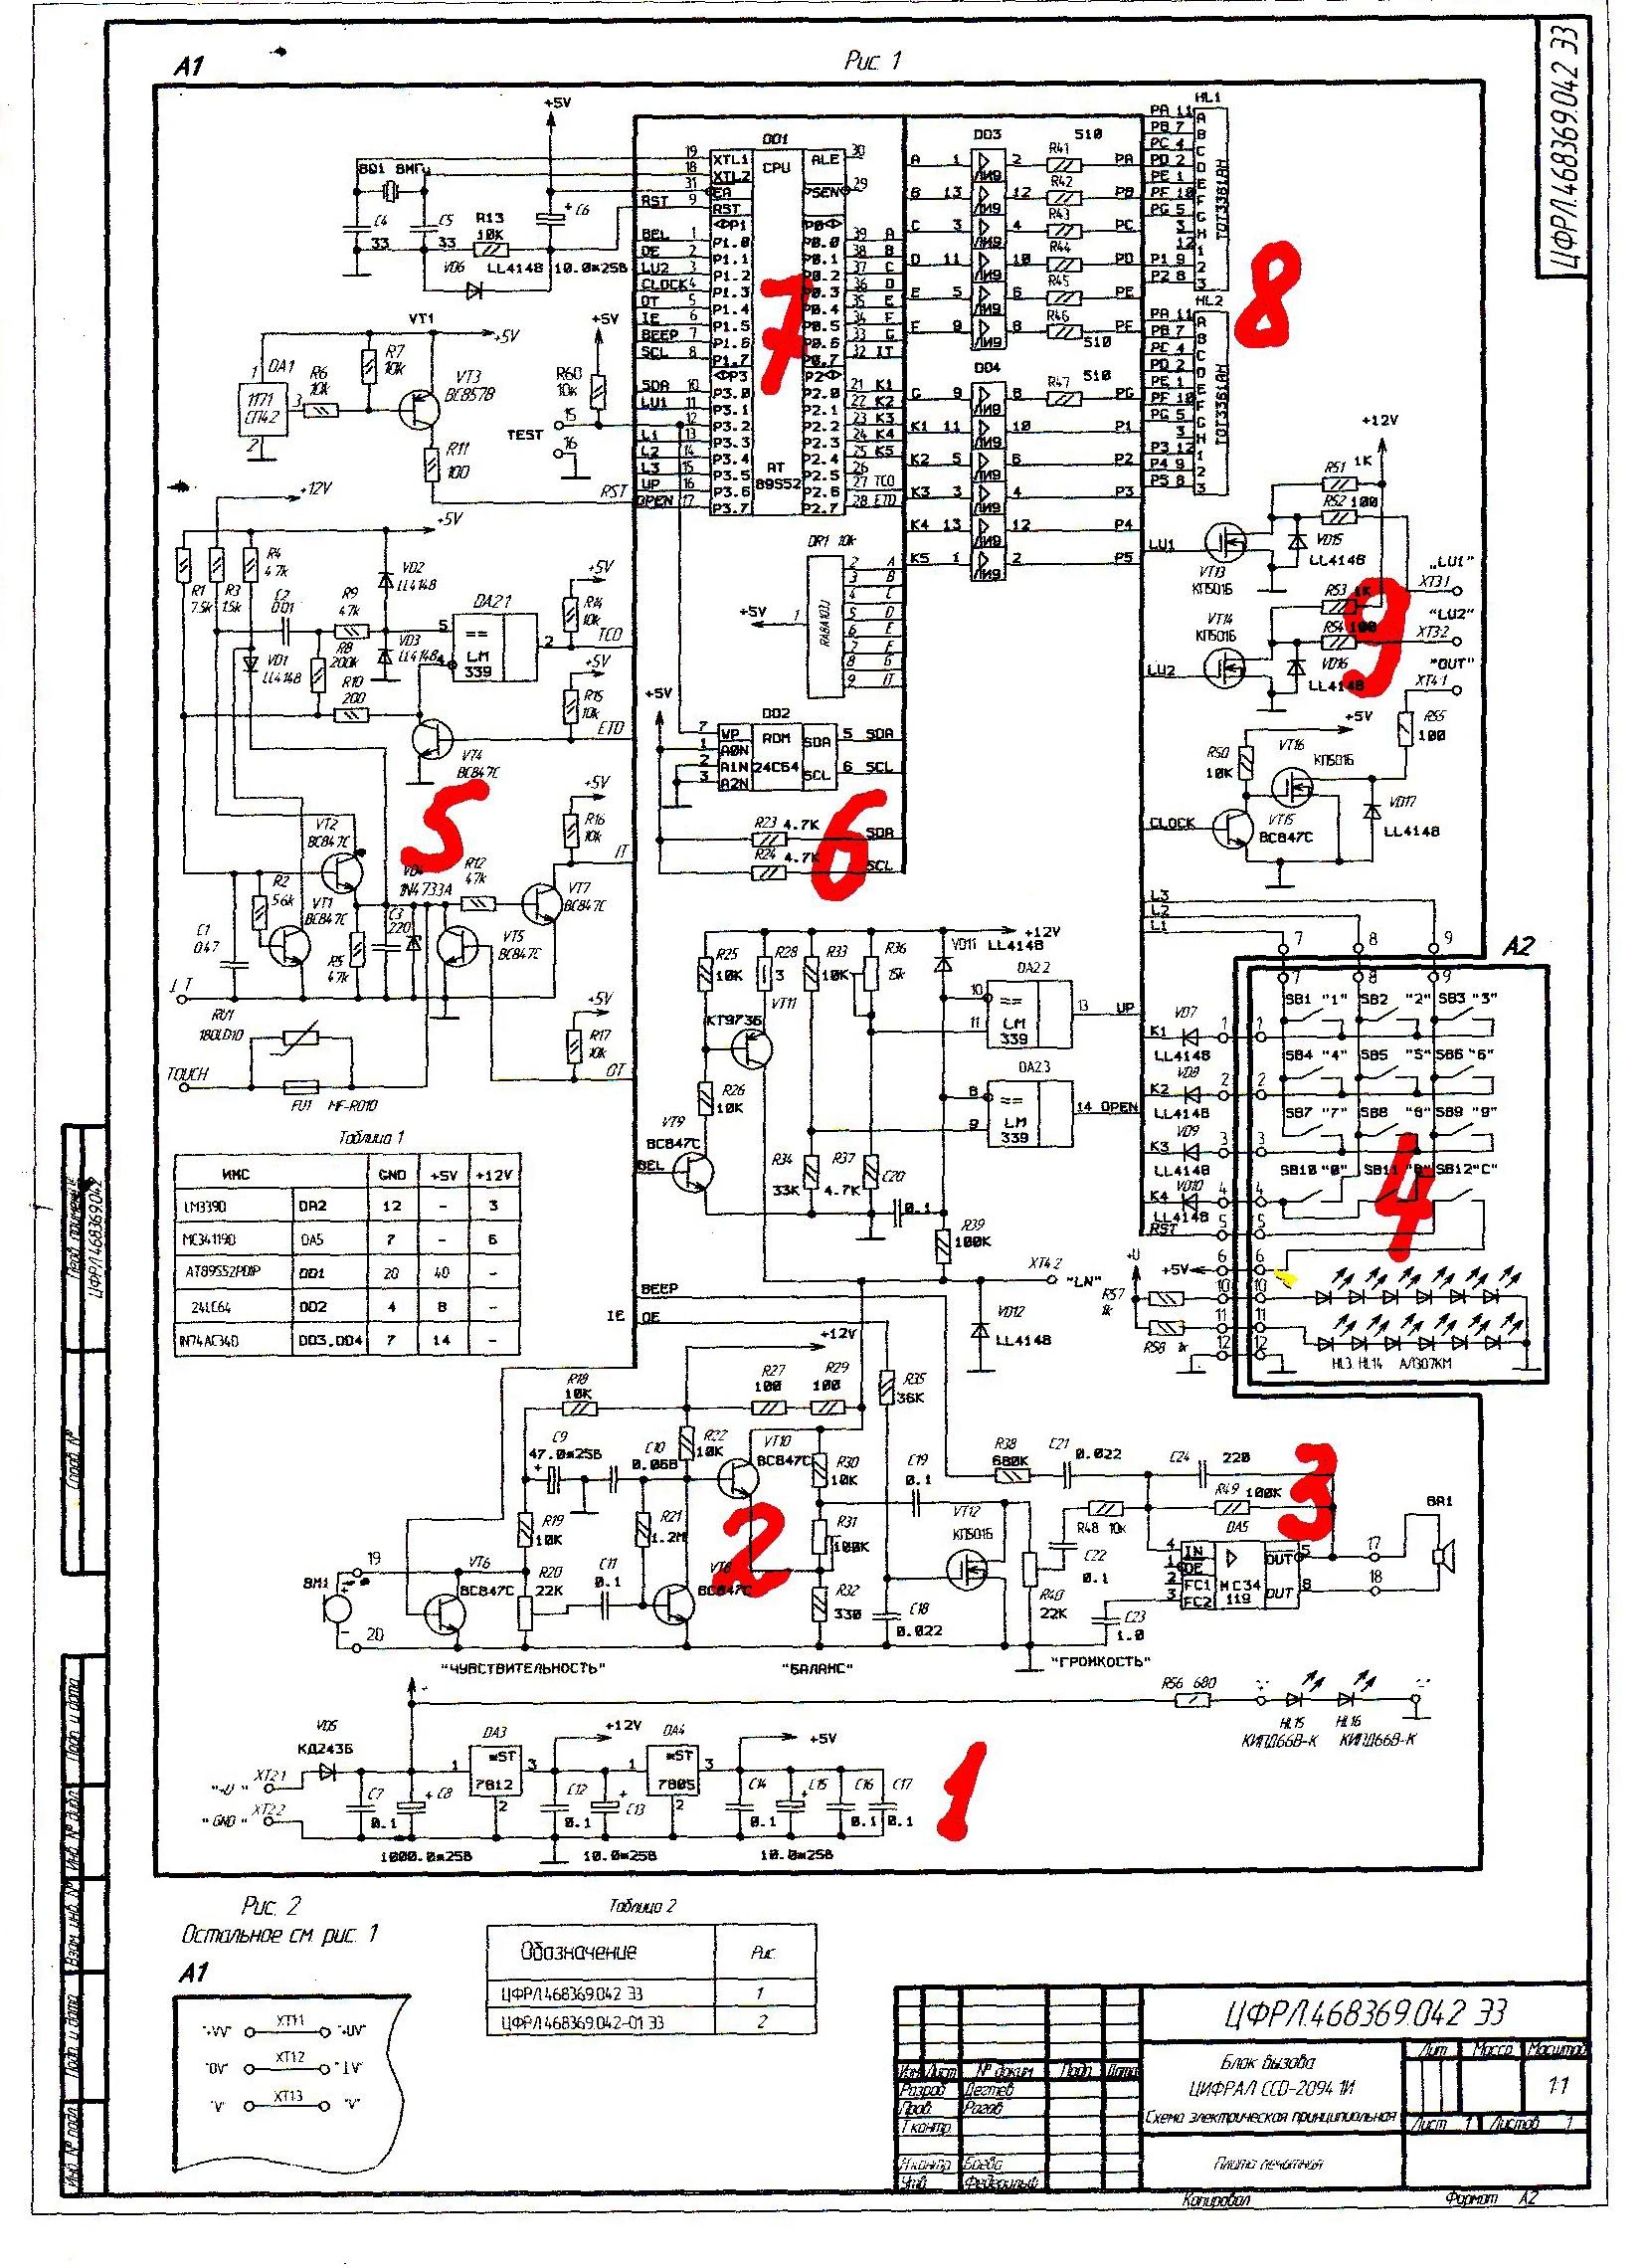 Блок вызова цифрал схема подключения